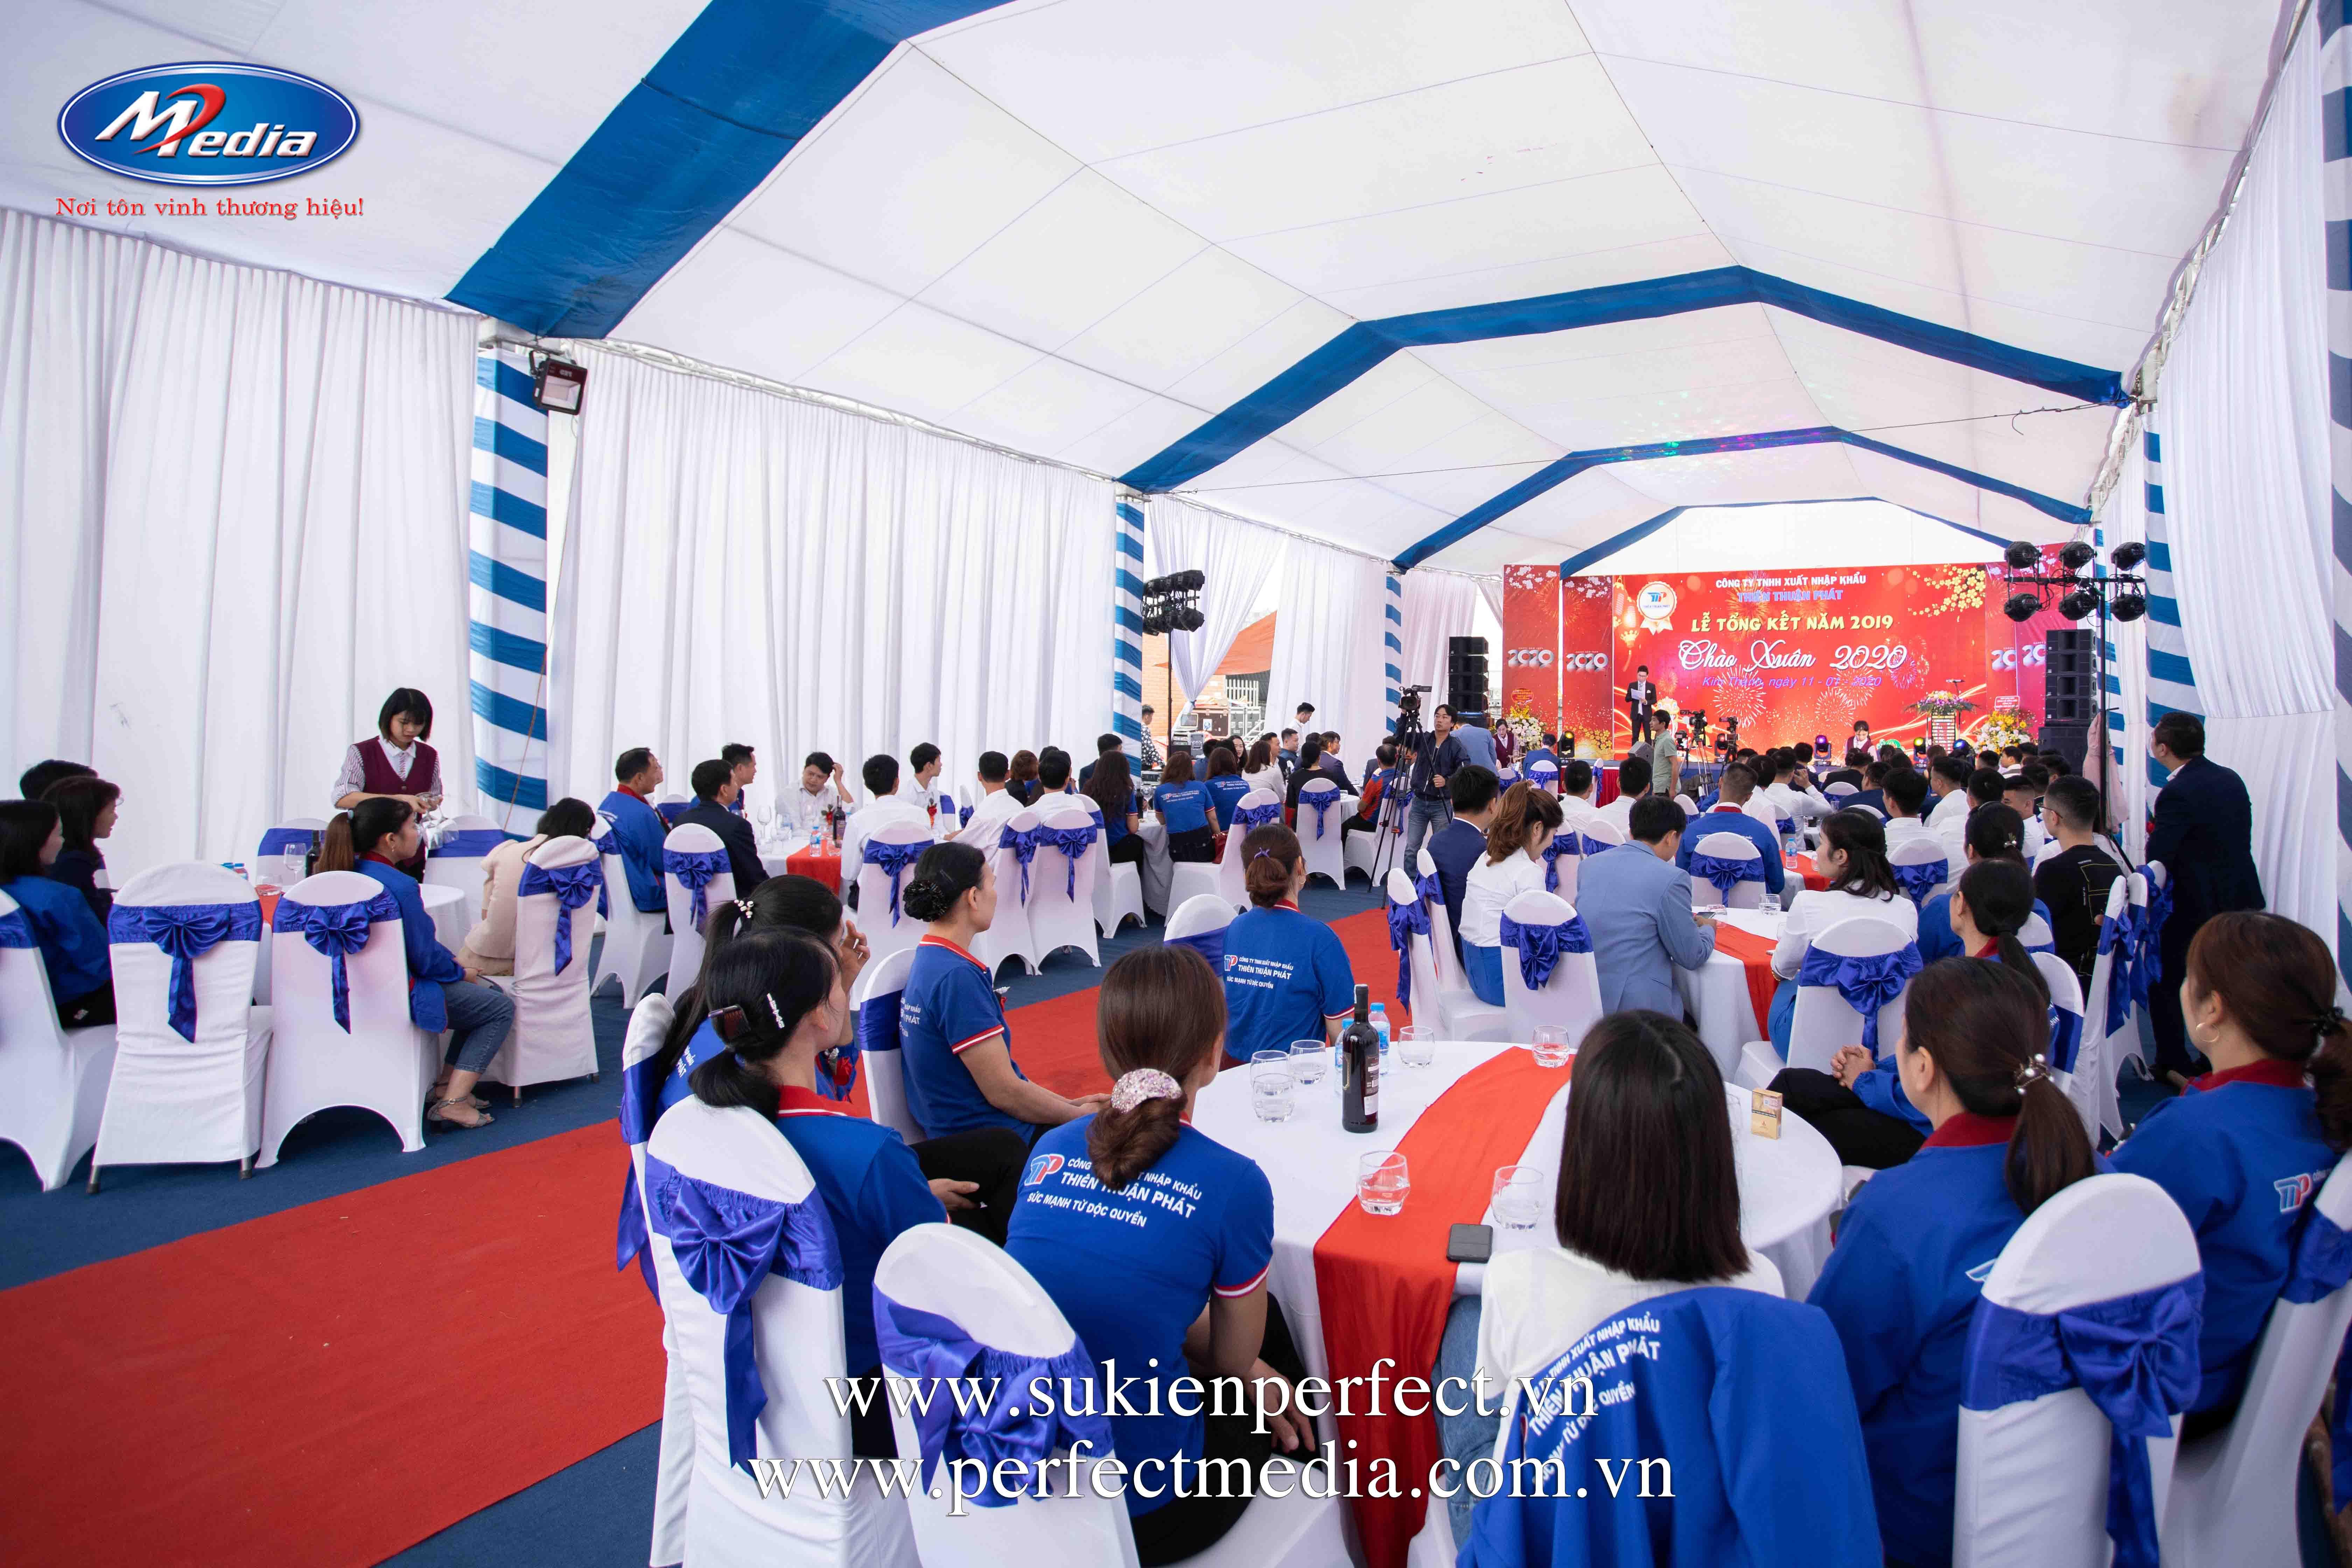 Mục đích tổ chức Tiệc Tất niên tại Hải Phòng 01